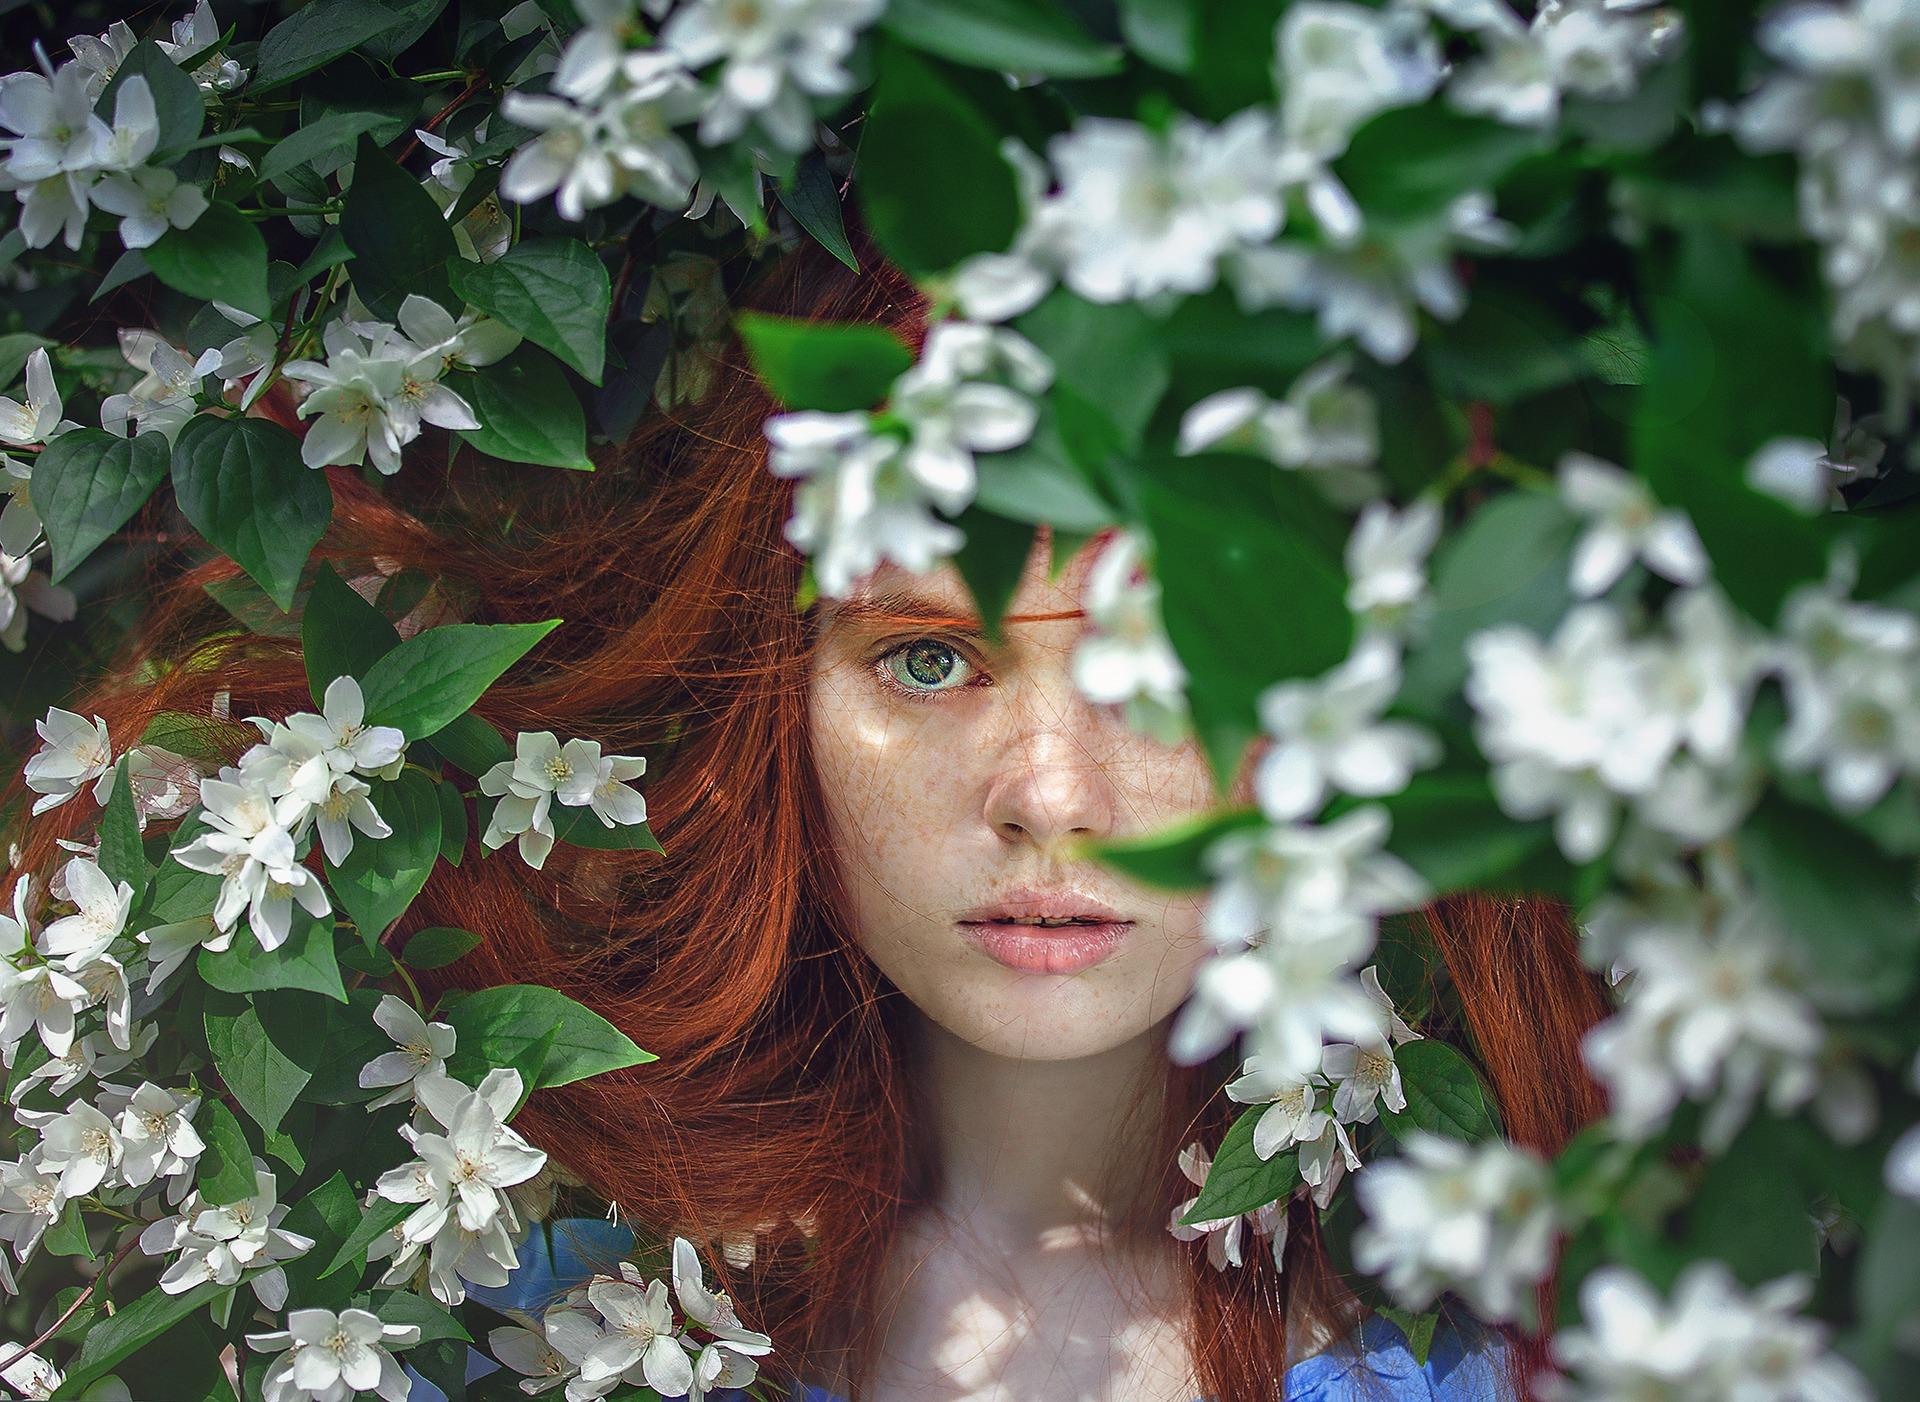 dziewczyna wśród białych kwiatów